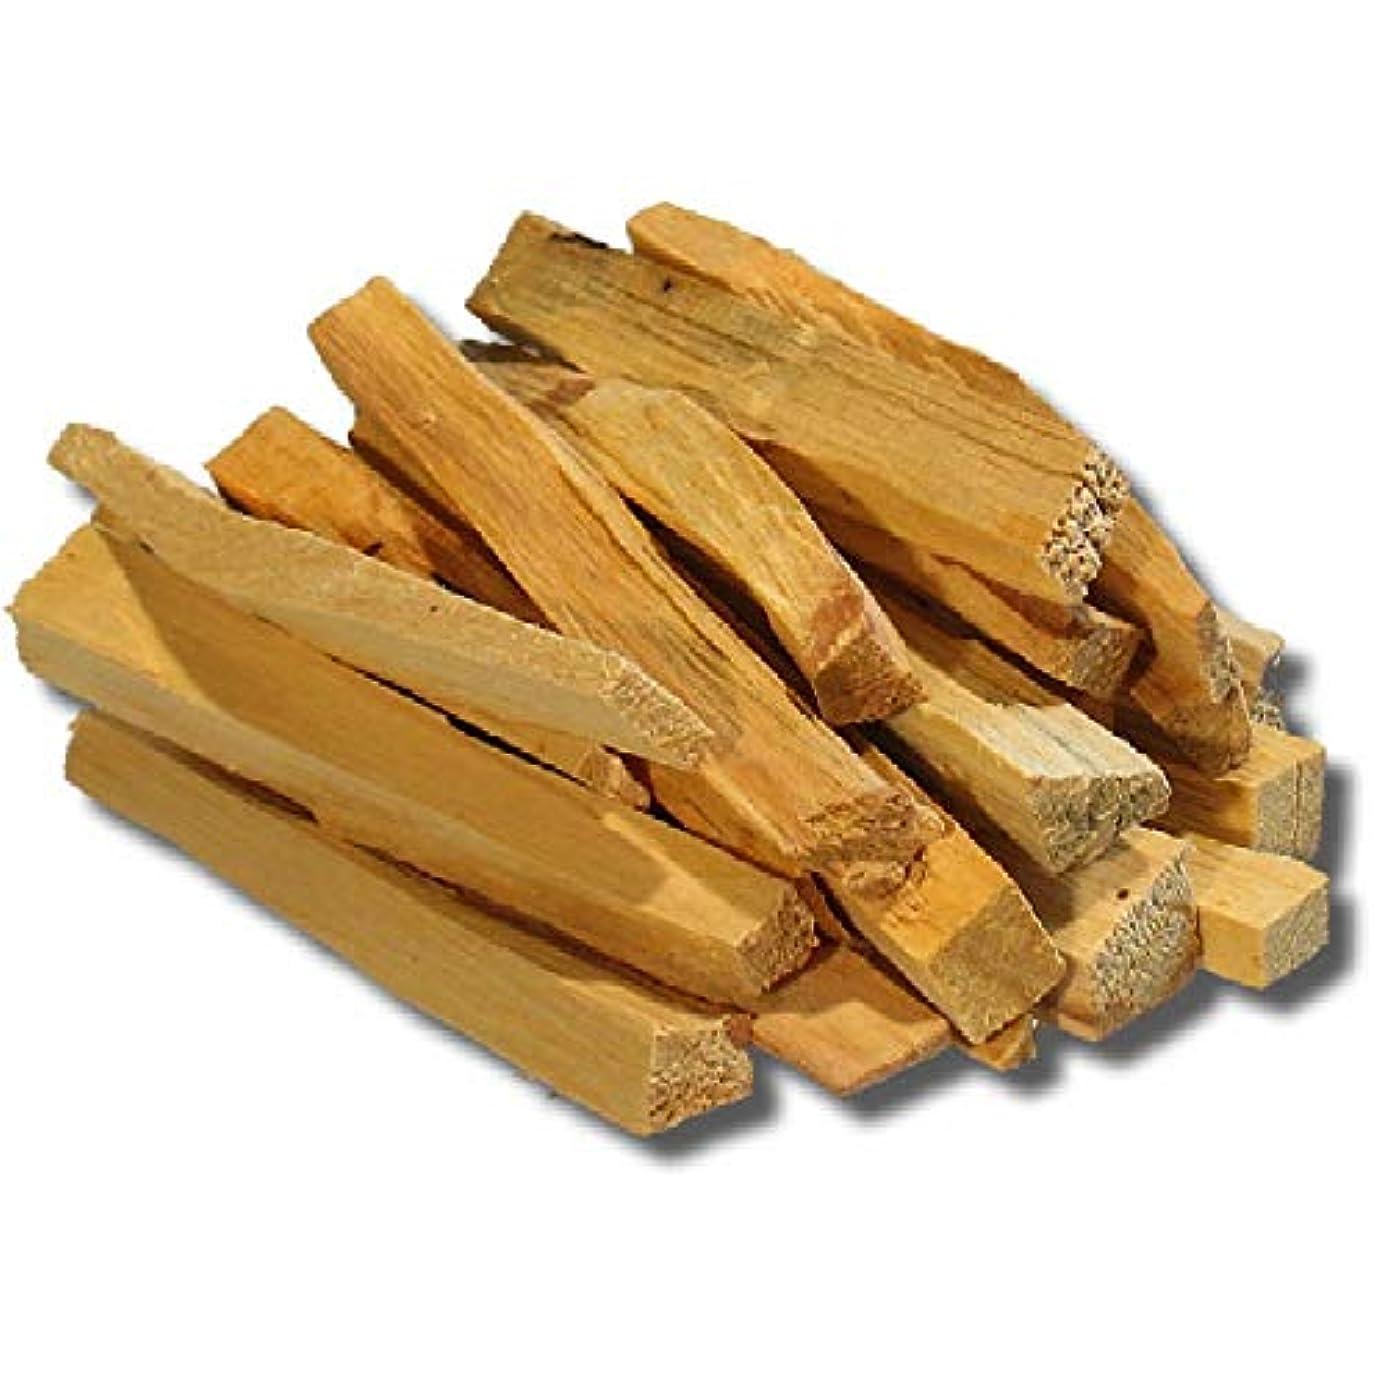 死傷者事引き潮Palo Santo Holy Wood Incense Sticks 11個